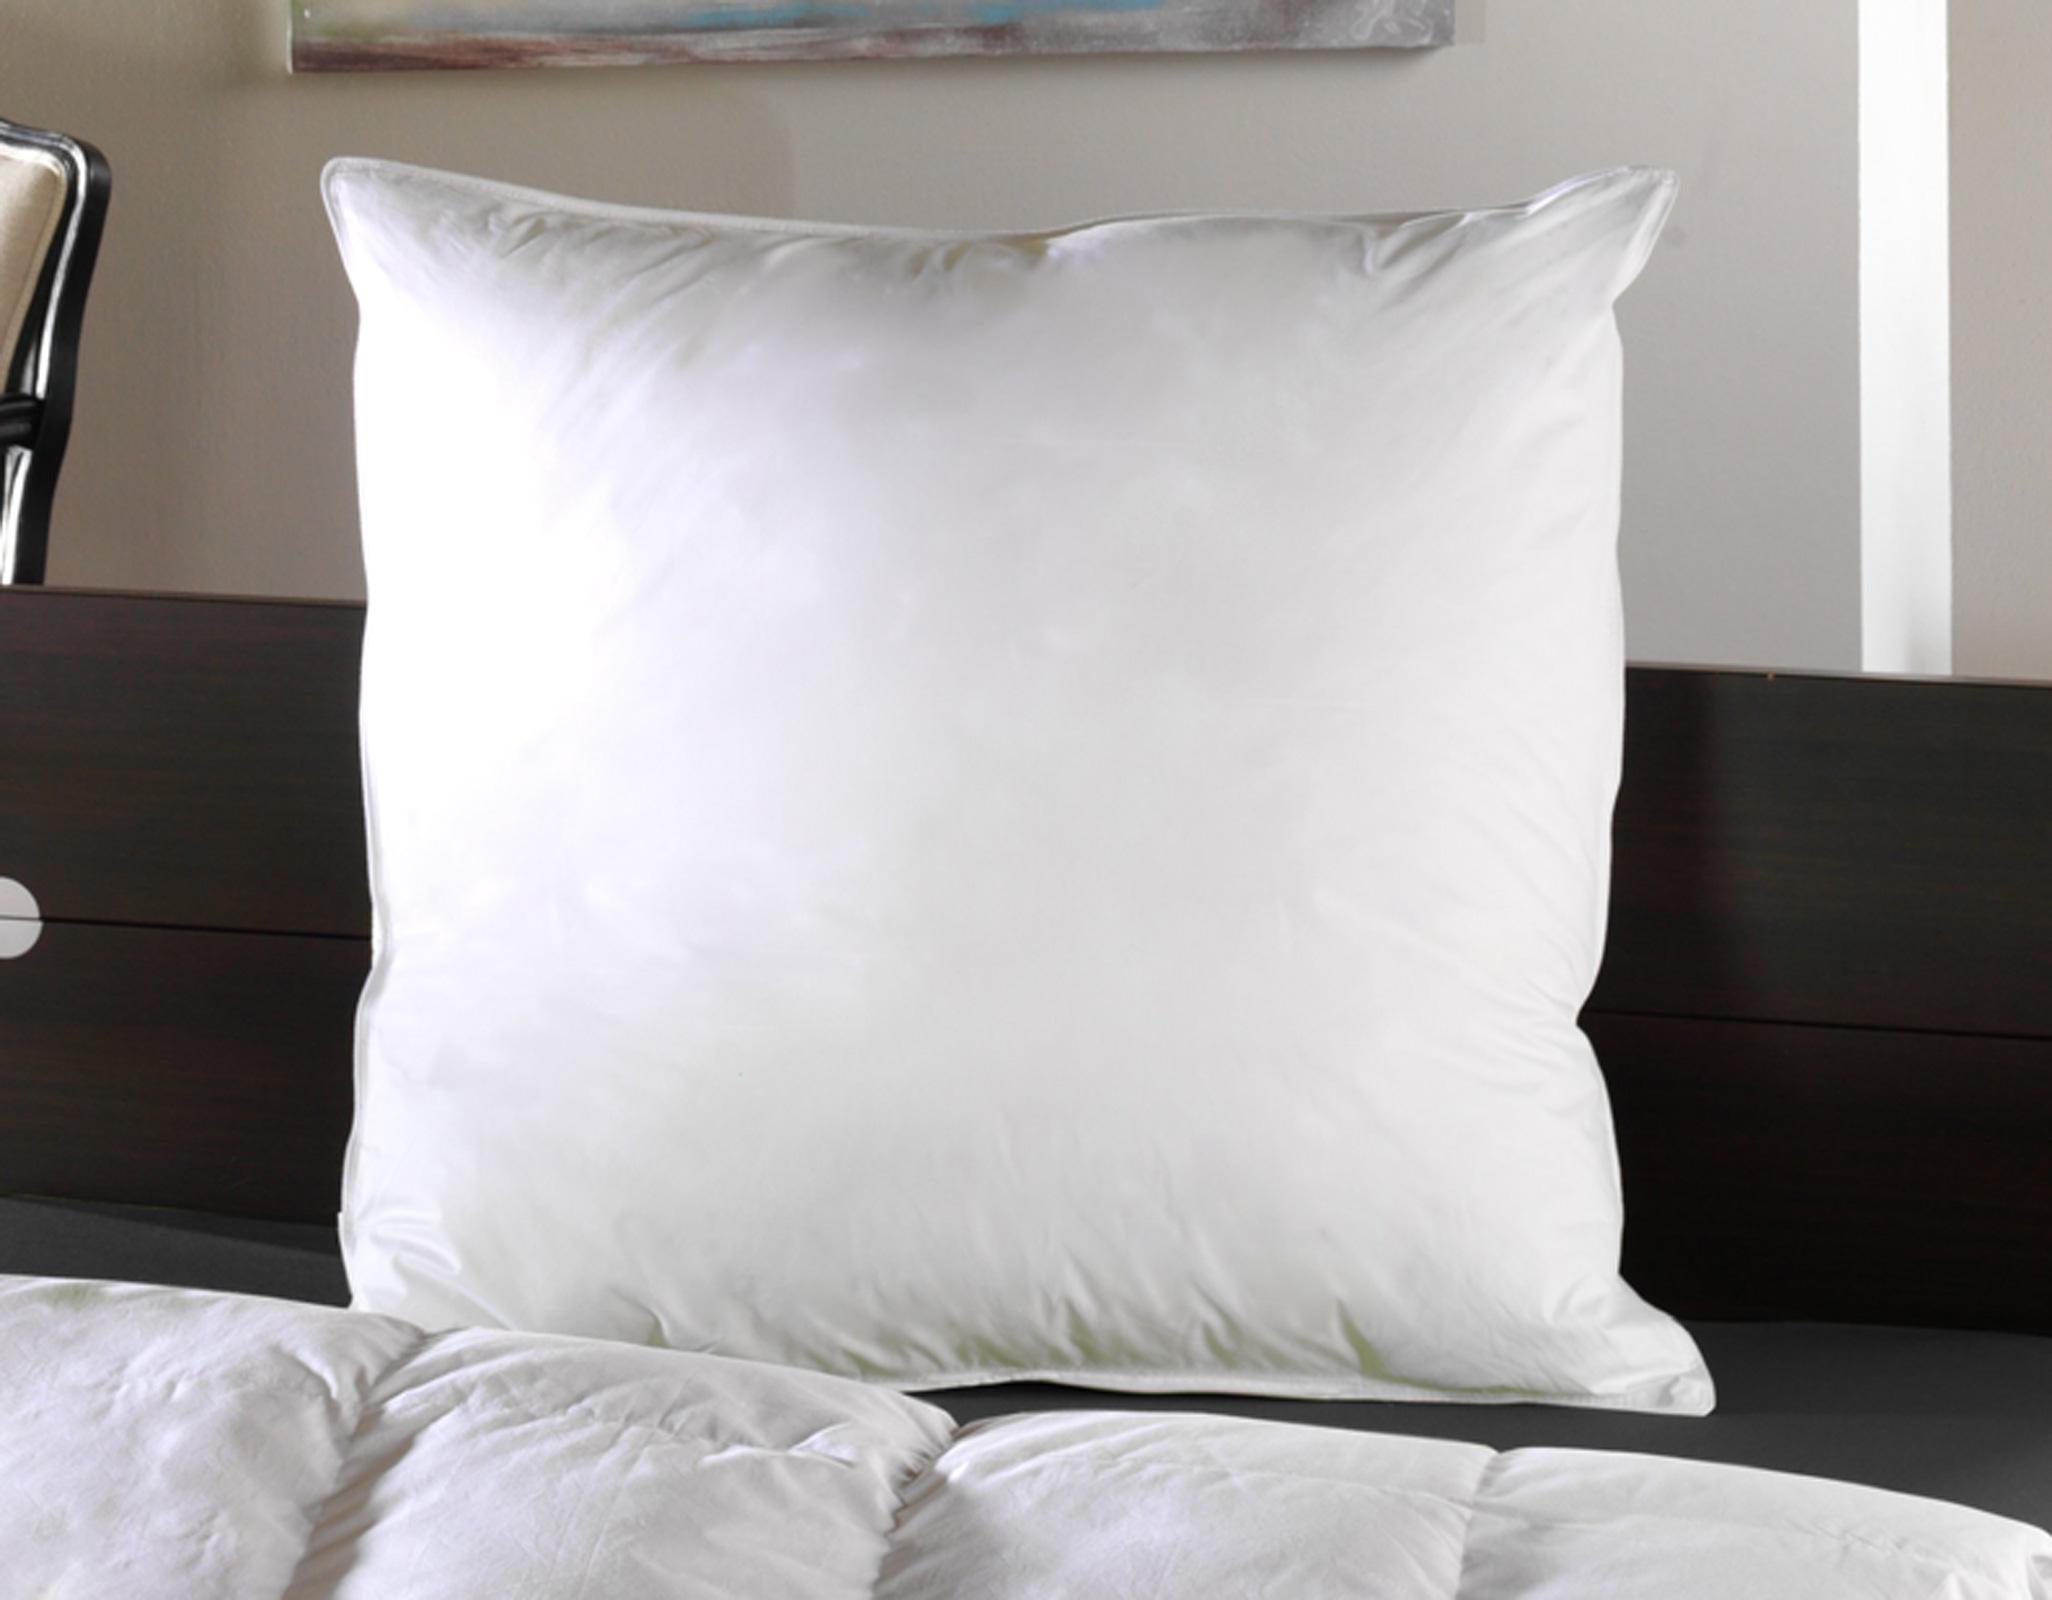 Bettdecken und Kopfkissen - Kopfkissen Kissen Thermo Balance 40x80  - Onlineshop PremiumShop321